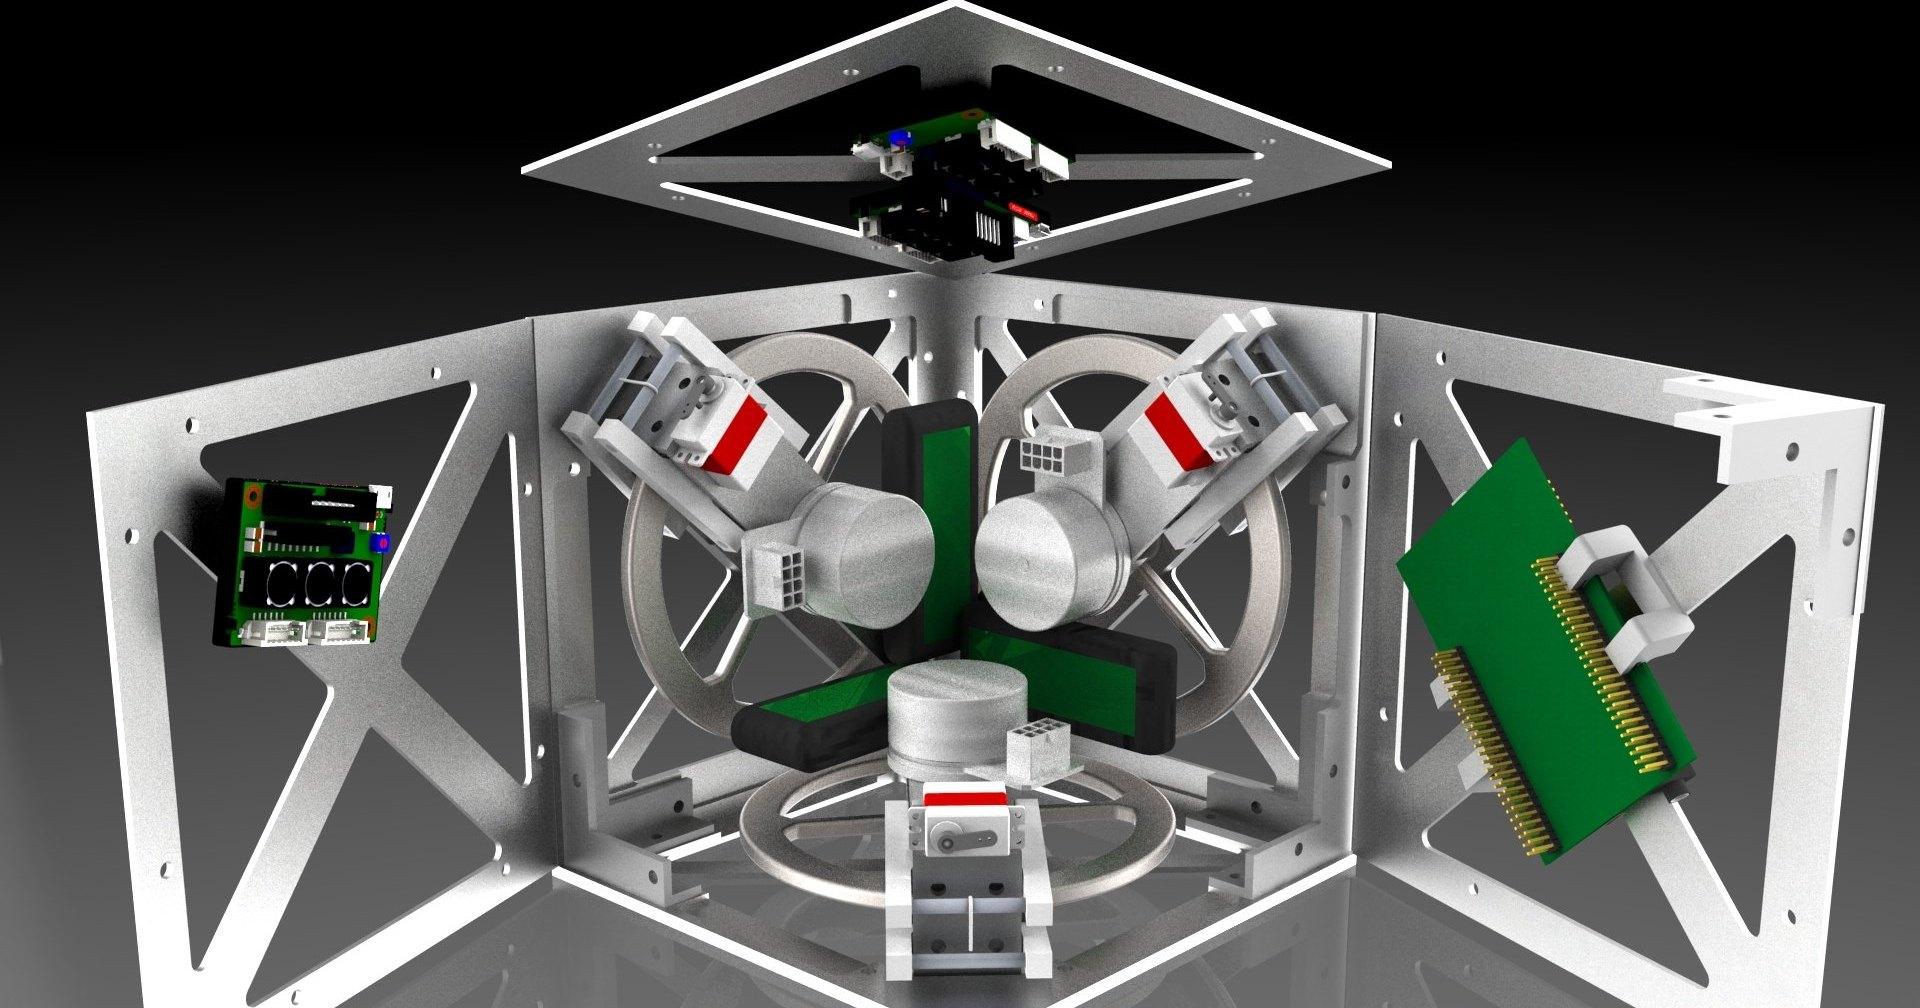 Космические технологии: как заставить куб стоять на своей грани